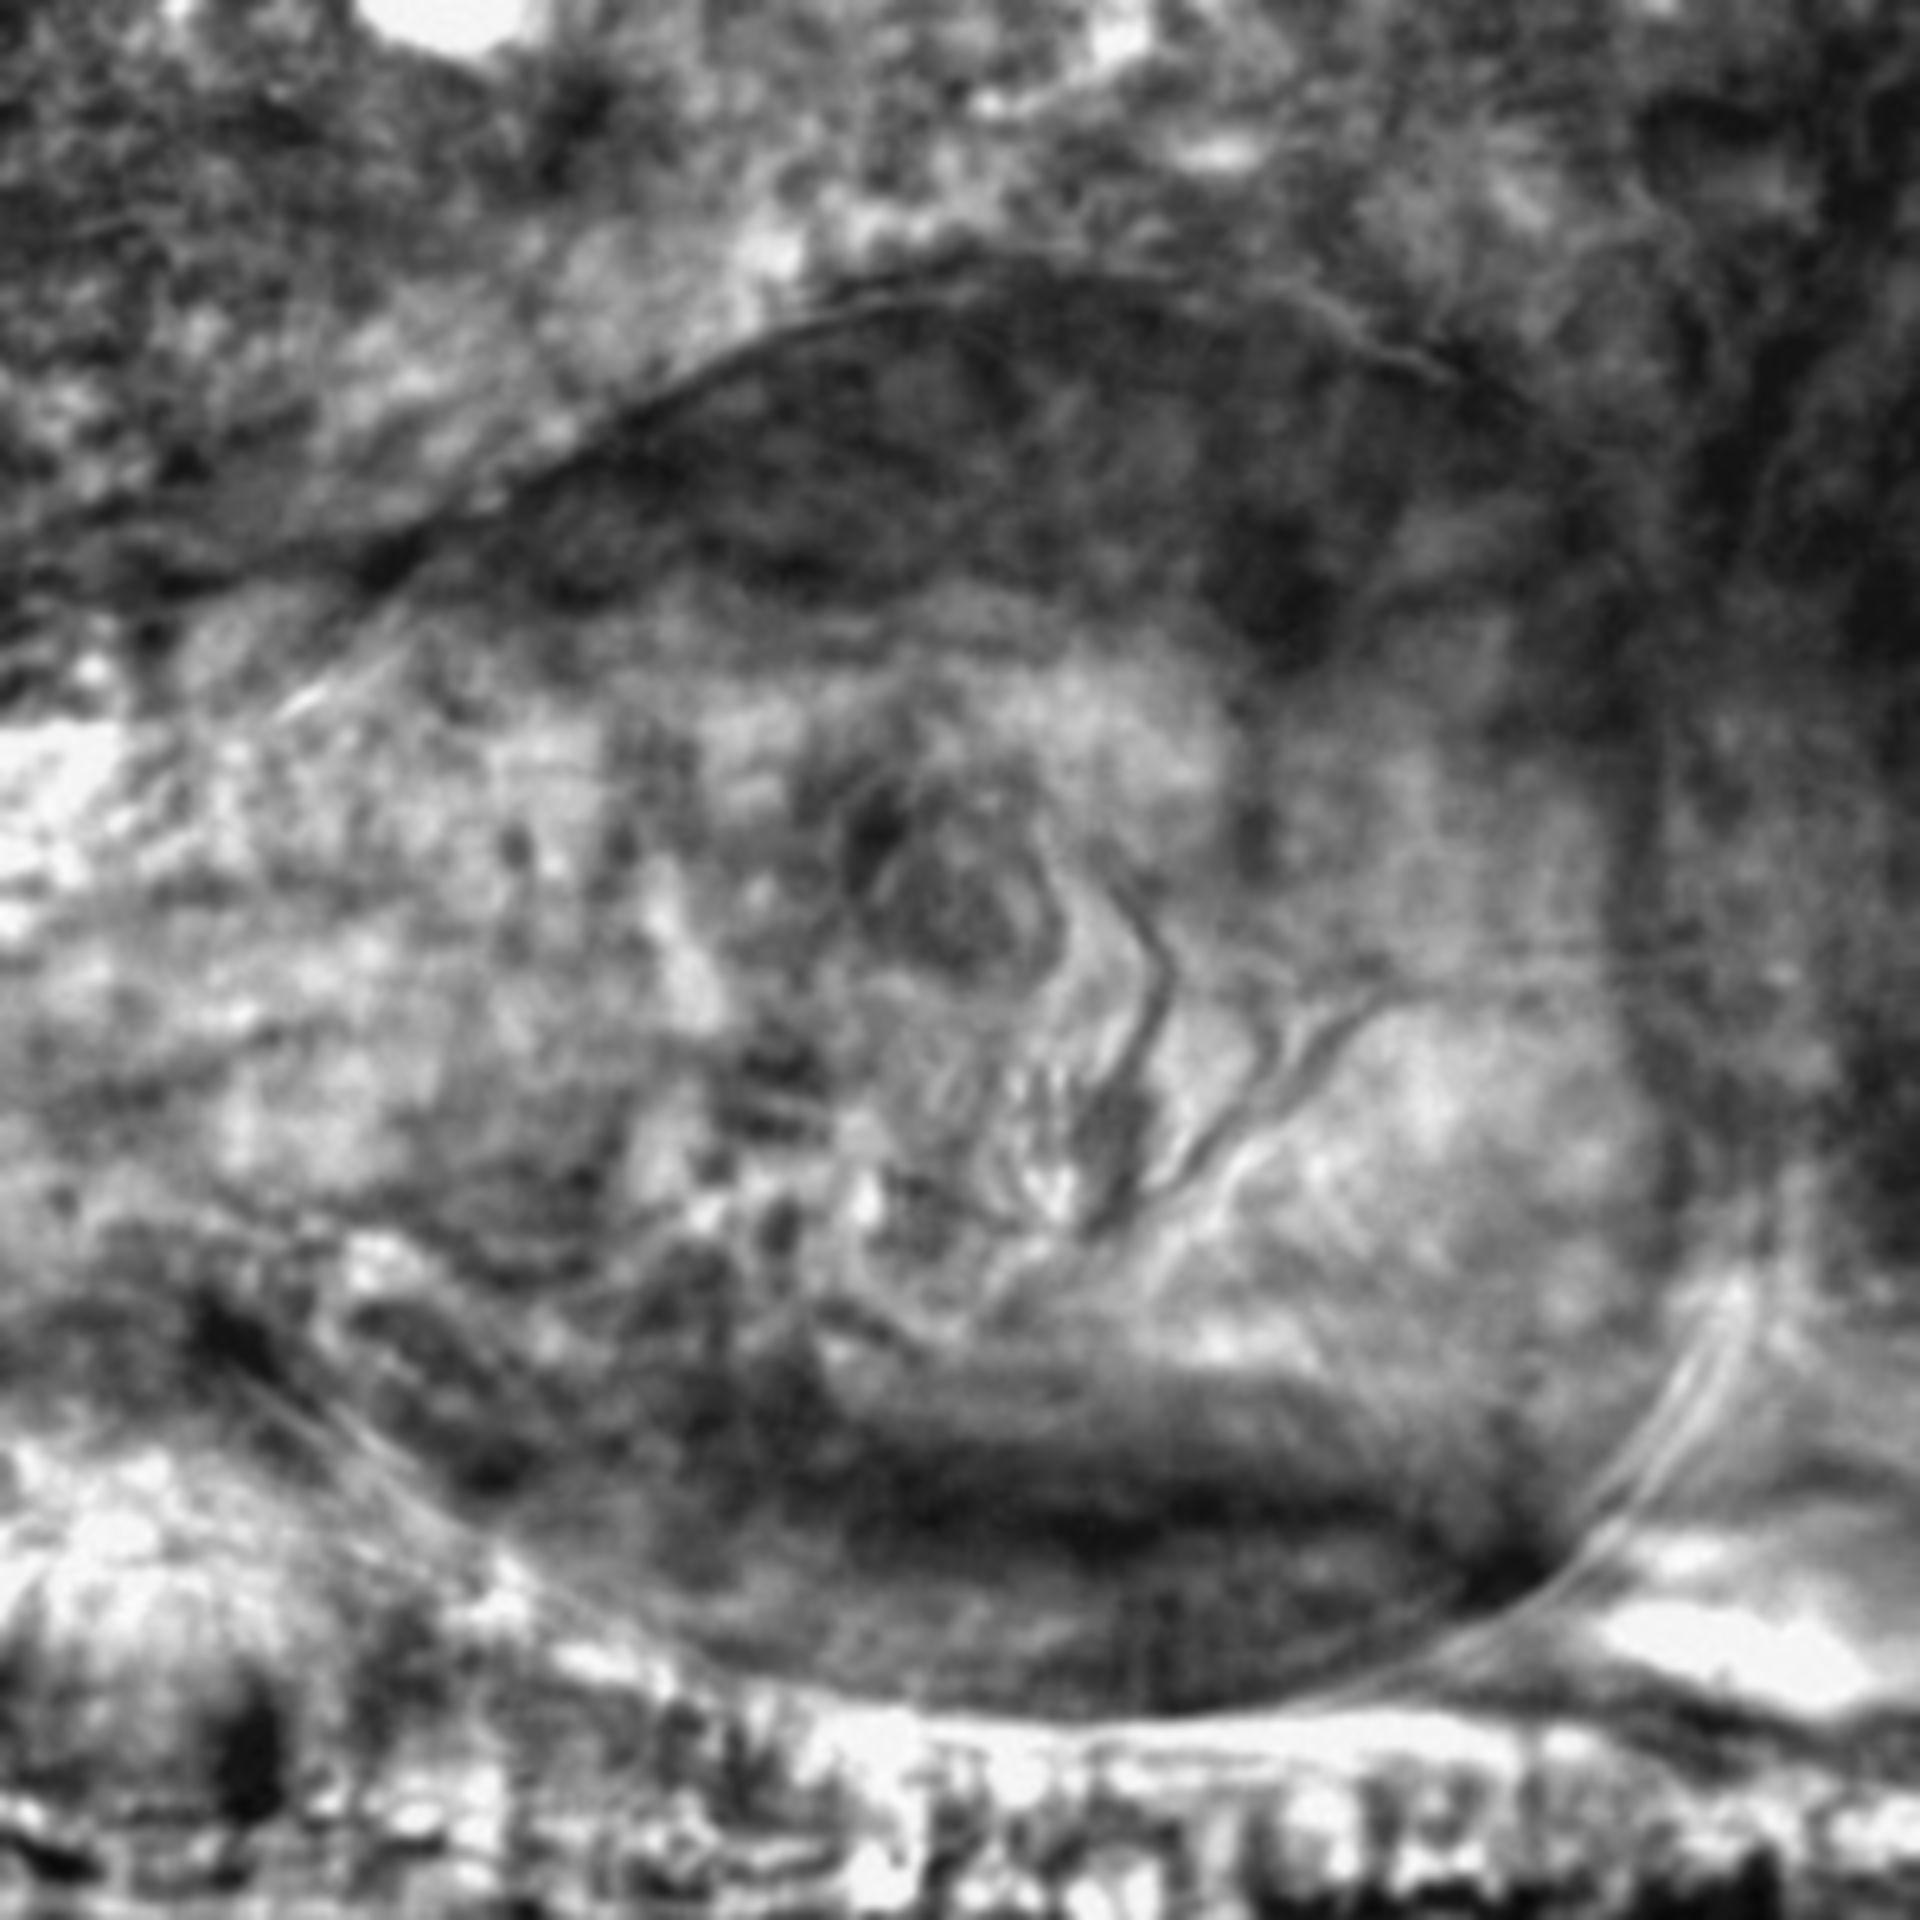 Caenorhabditis elegans - CIL:2711